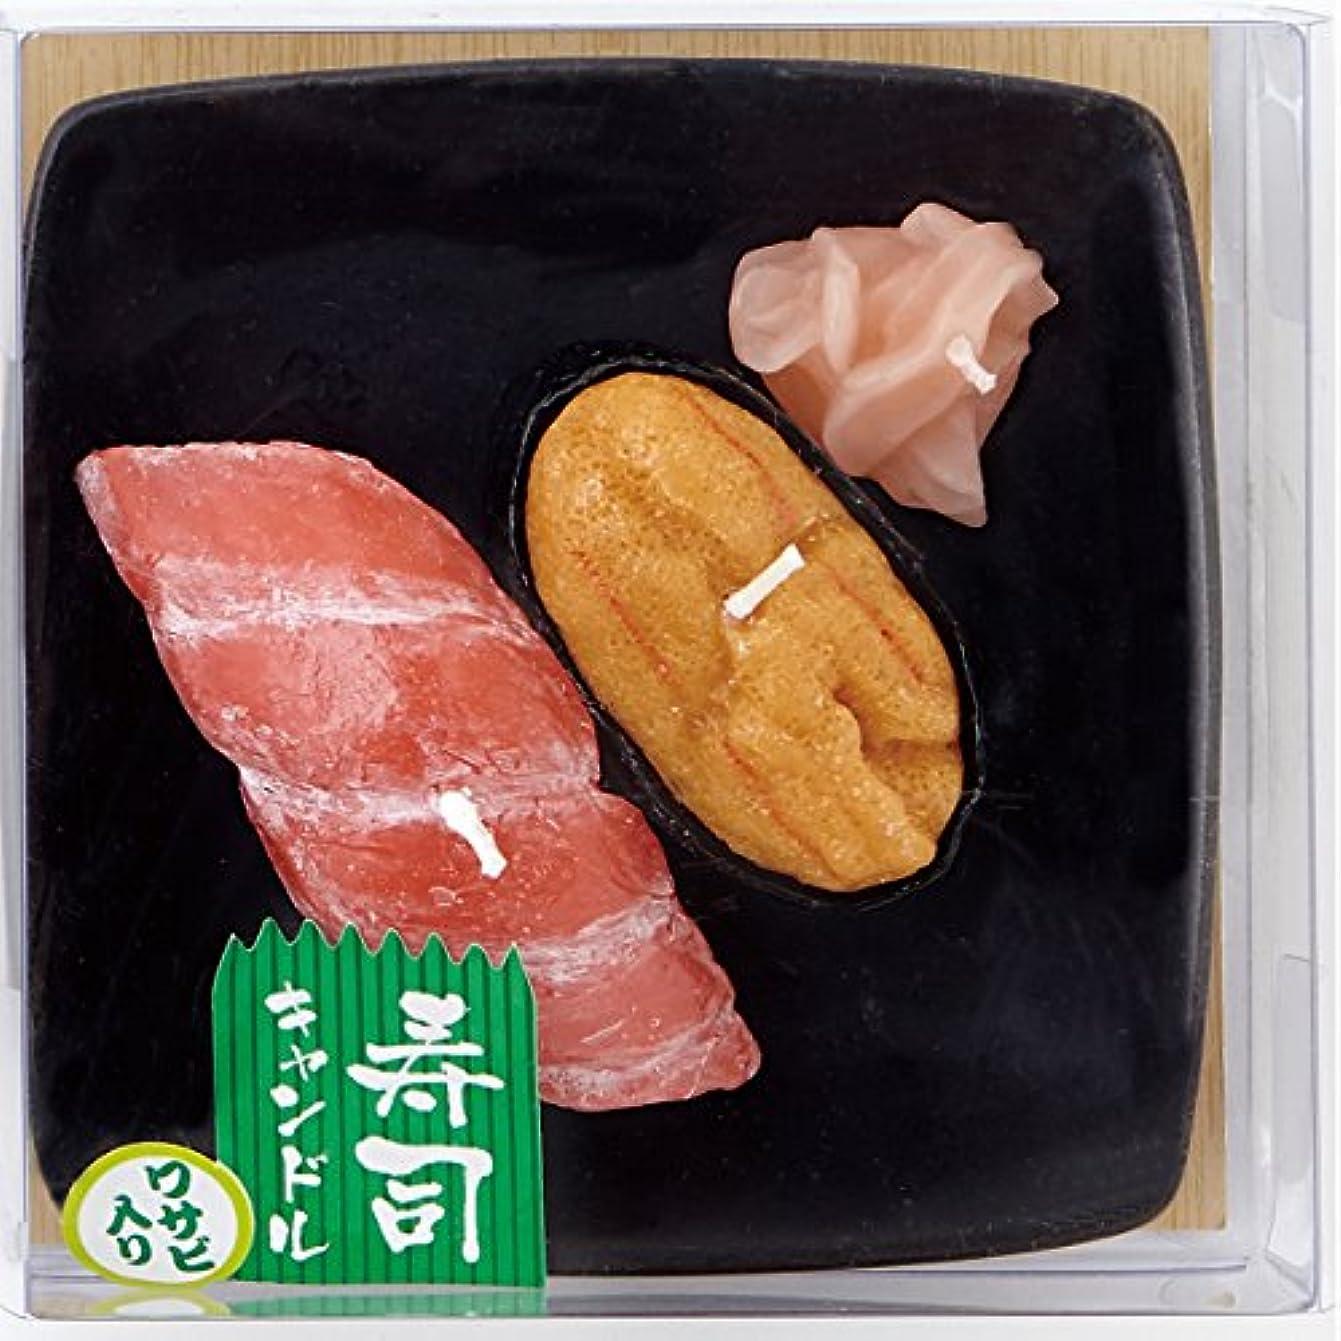 生理動かすジュース寿司キャンドル C(ウニ?大トロ) サビ入